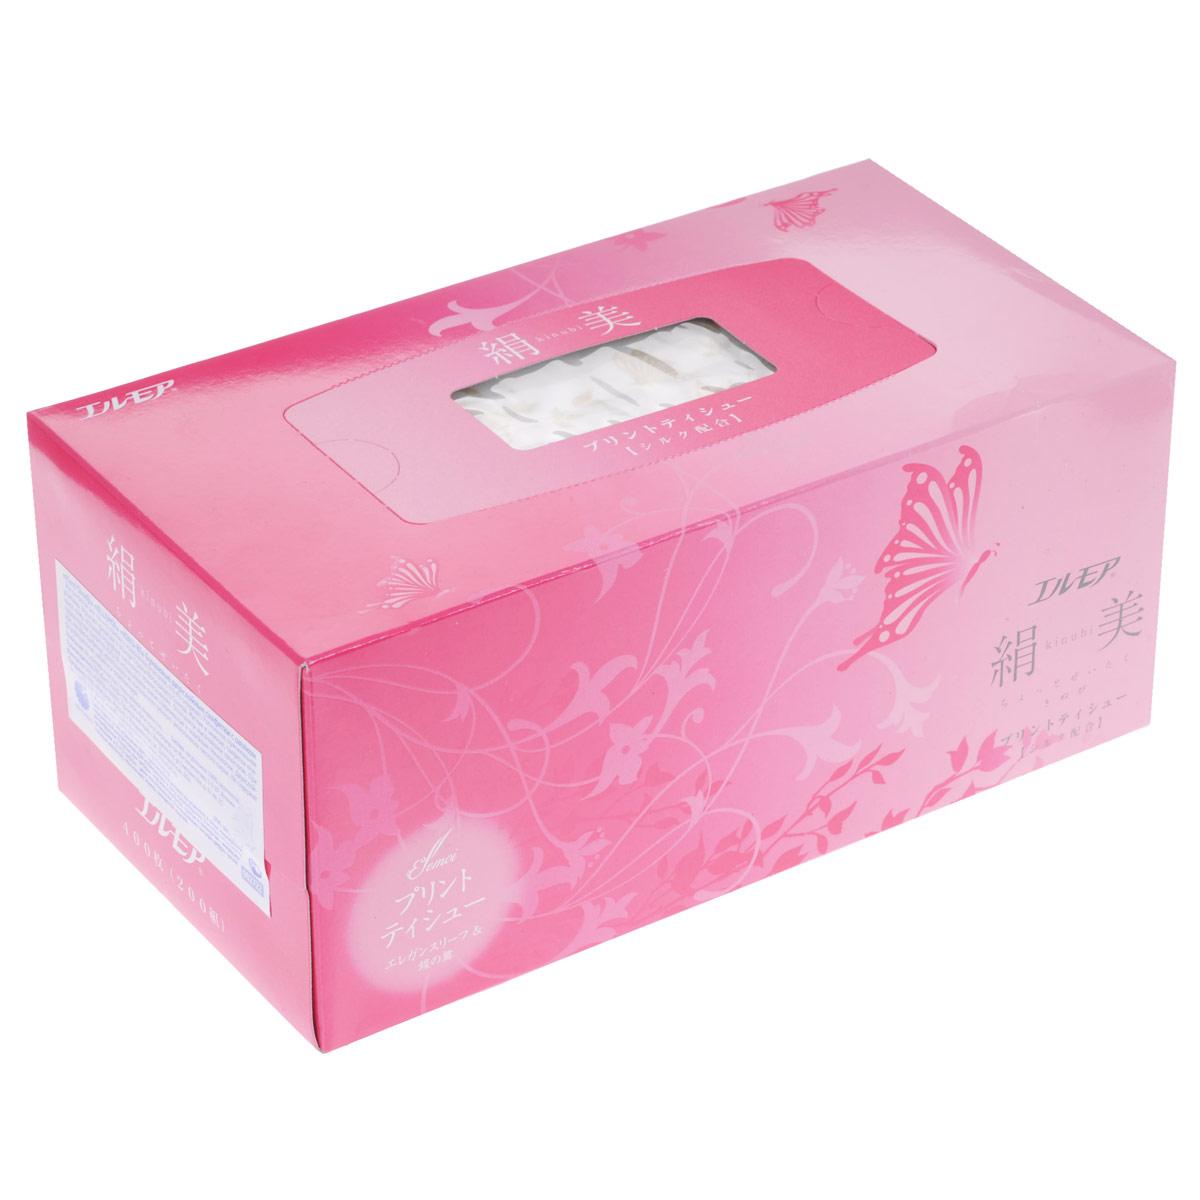 Салфетки бумажные Ellemoi Kinu-bi, двухслойные, с шелком, цвет упаковки: розовый, 200 шт002722Салфетки бумажные Ellemoi Kinu-bi изготовлены из натуральной 100% целлюлозы, экологически чистого сырья. Салфетки мягкие и нежные. Салфетки премиум класса с роскошным принтом из цветов сакуры цвета шампанского, в элегантной упаковке с добавлением шелковых волокон. Обладают высокими потребительскими свойствами, хорошо впитывают и удерживают жидкость. Салфетки бумажные Ellemoi Kinu-bi удобны, практичны и эффективны в любой ситуации. Не хранить в местах с повышенной влажностью. Не содержат флуоресцентных добавок и осветлителей.